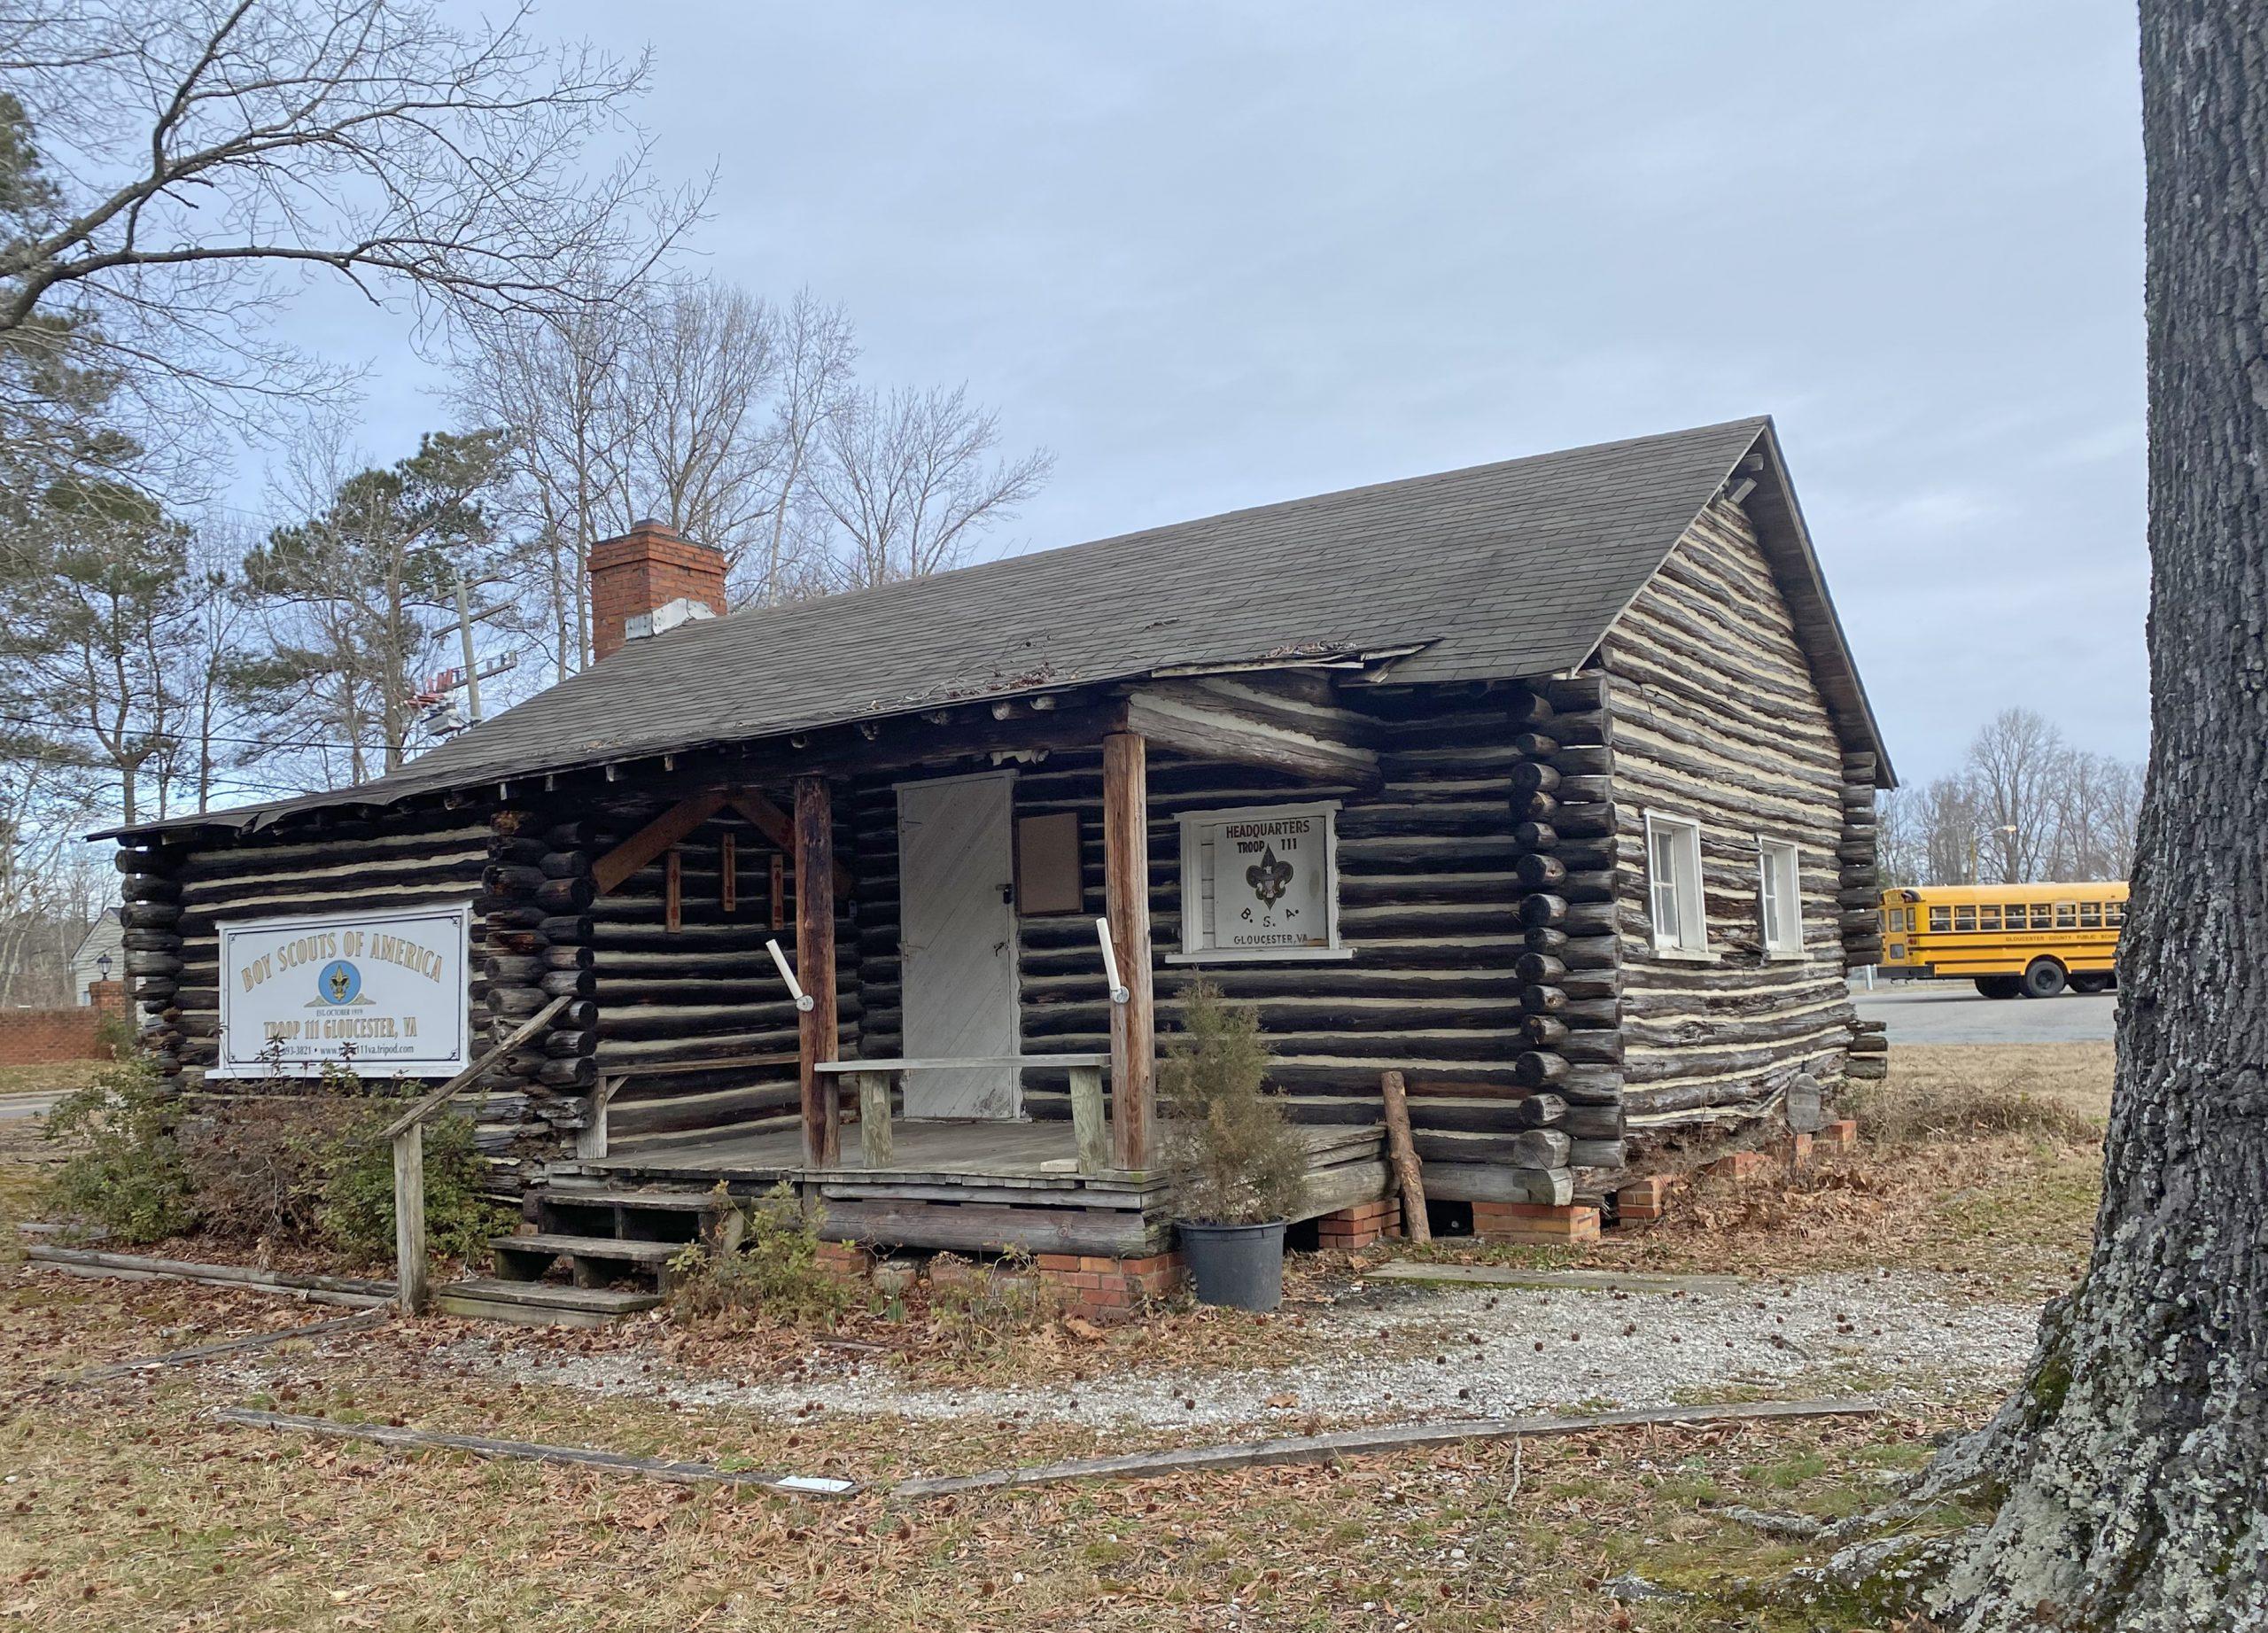 Troop 111 Boy Scout Cabin